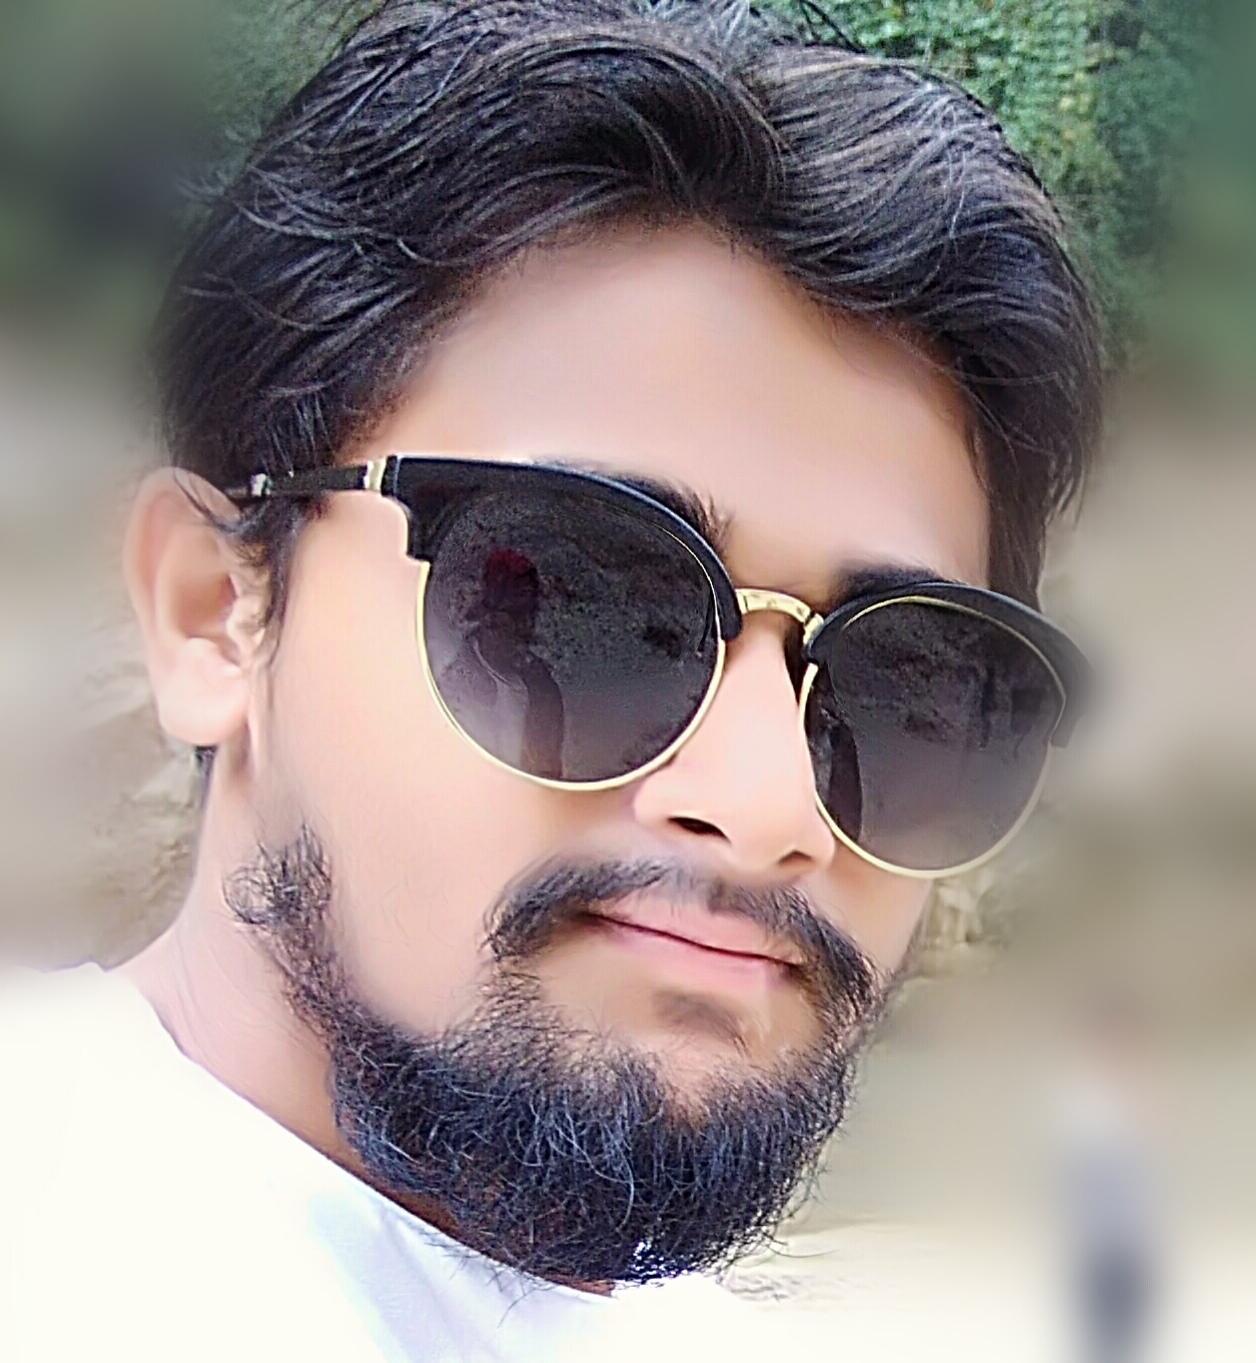 Bhuwan Thaps